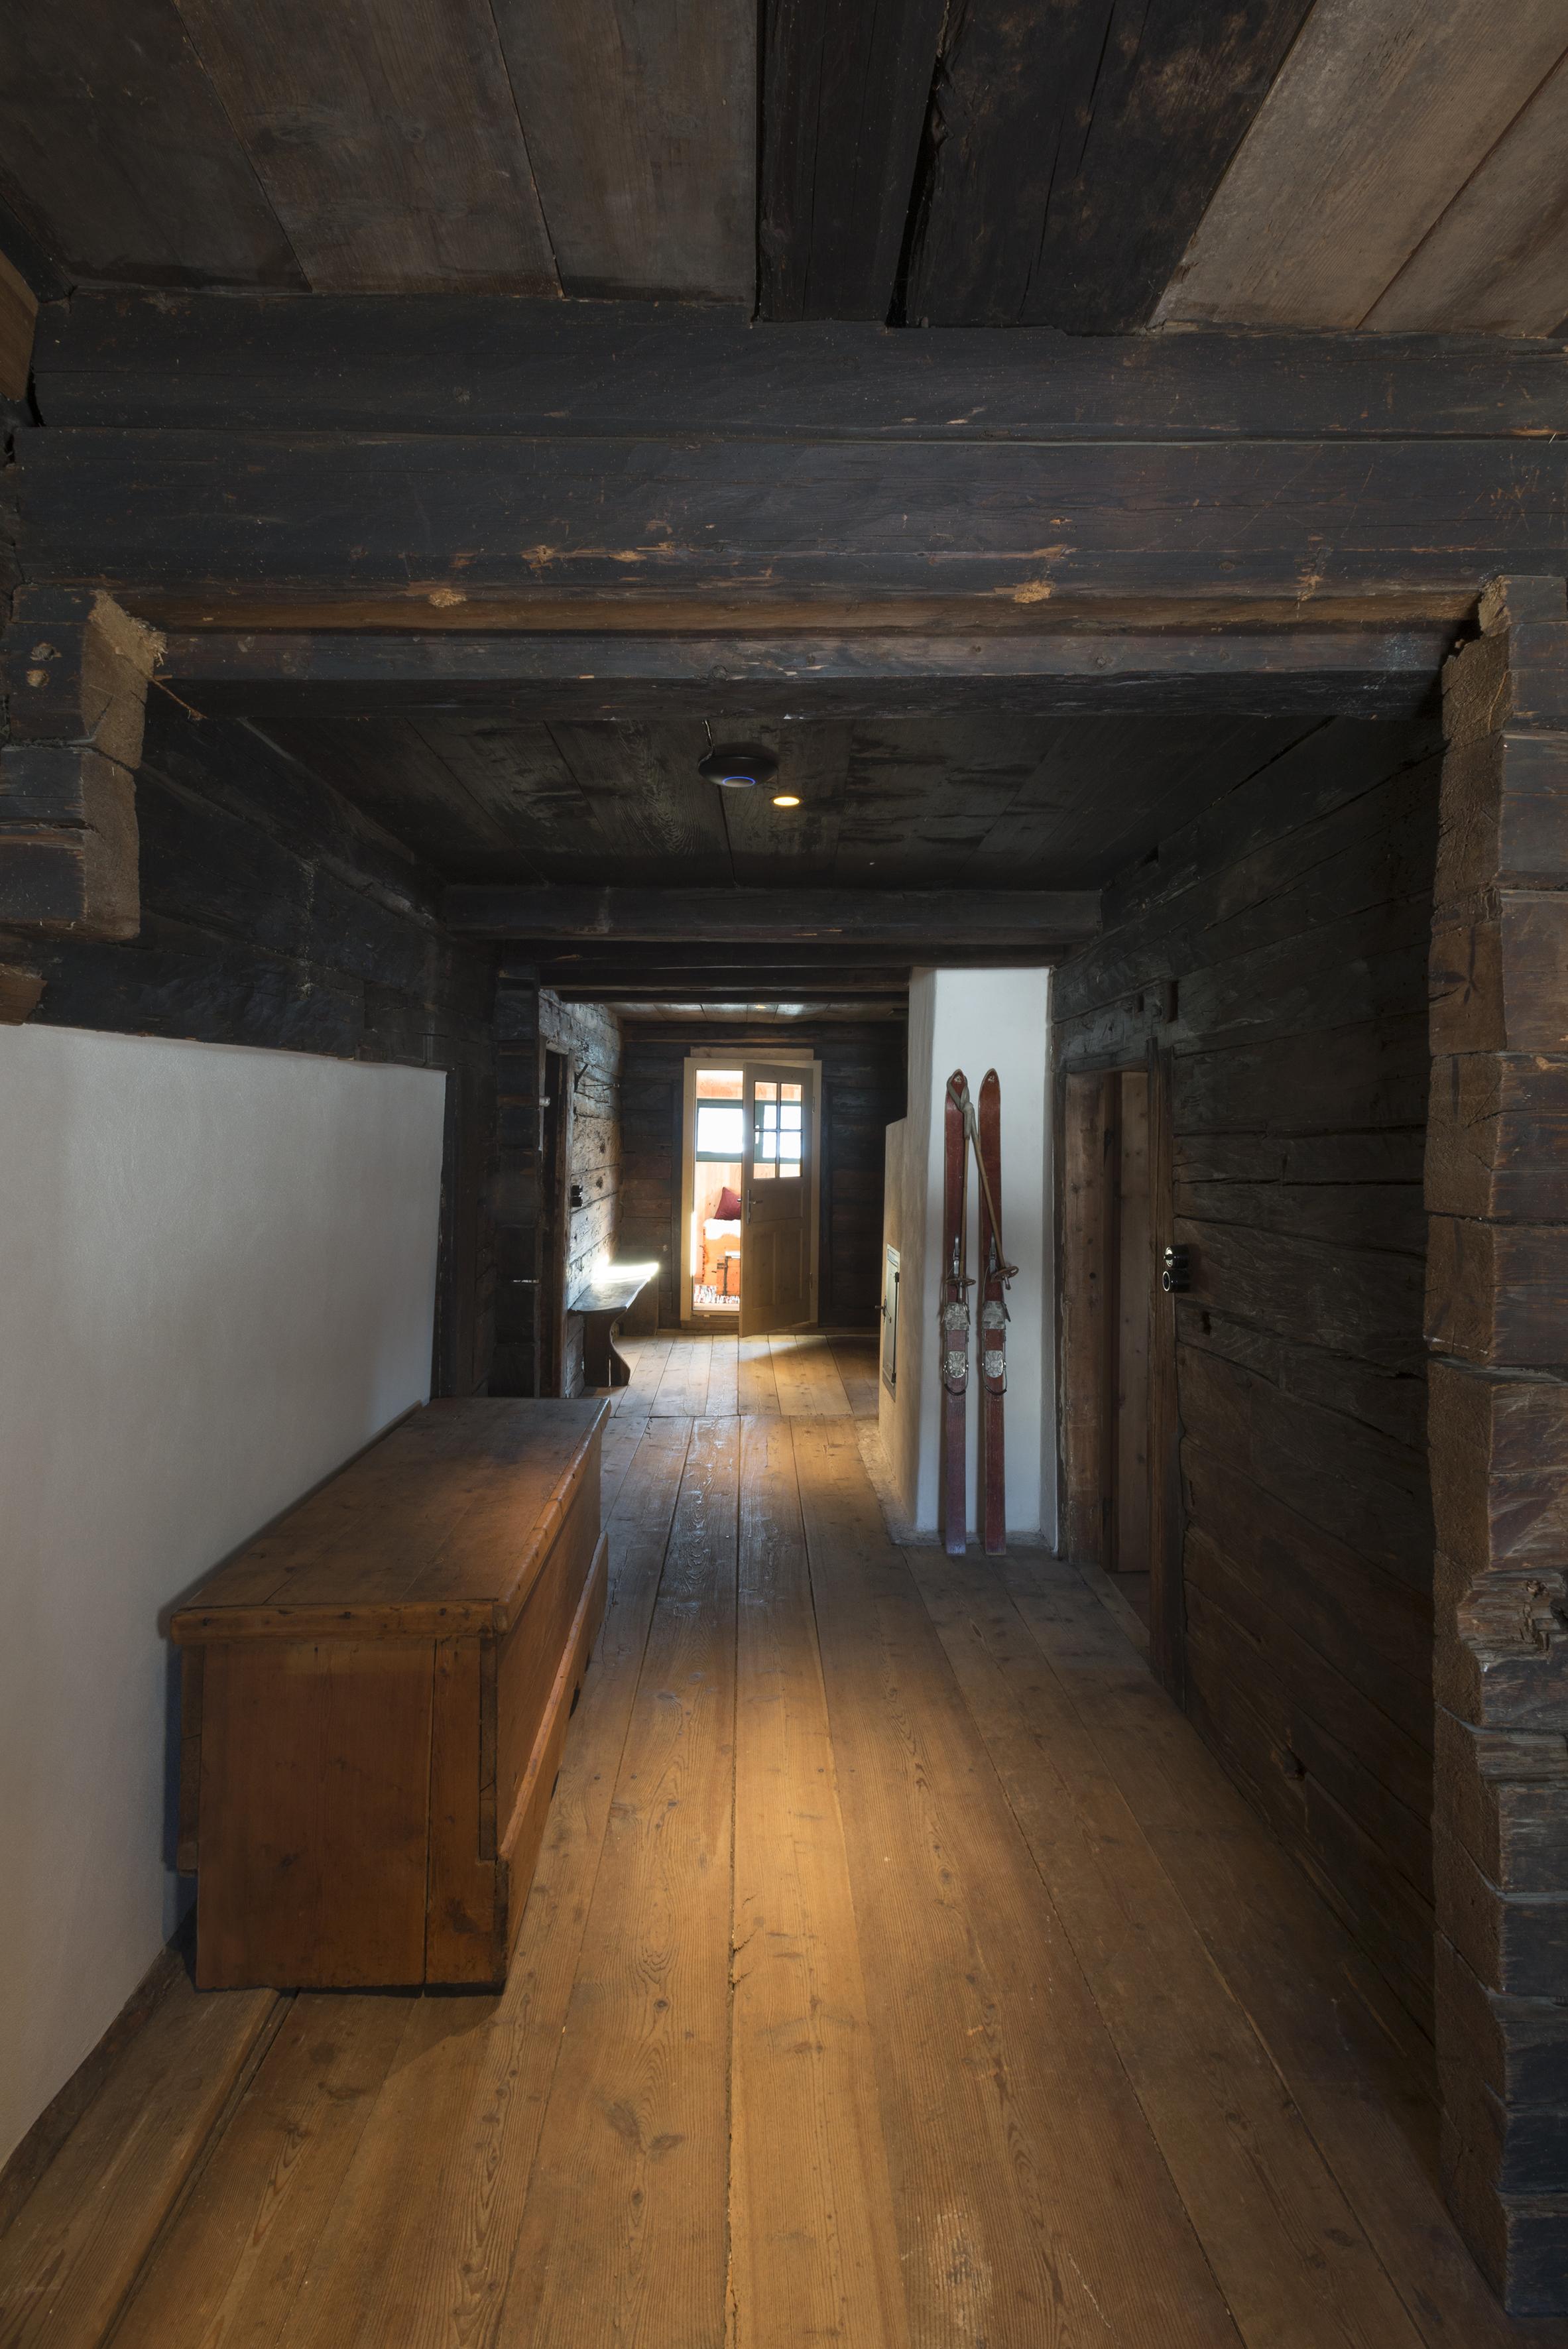 Corridor (floor 1)